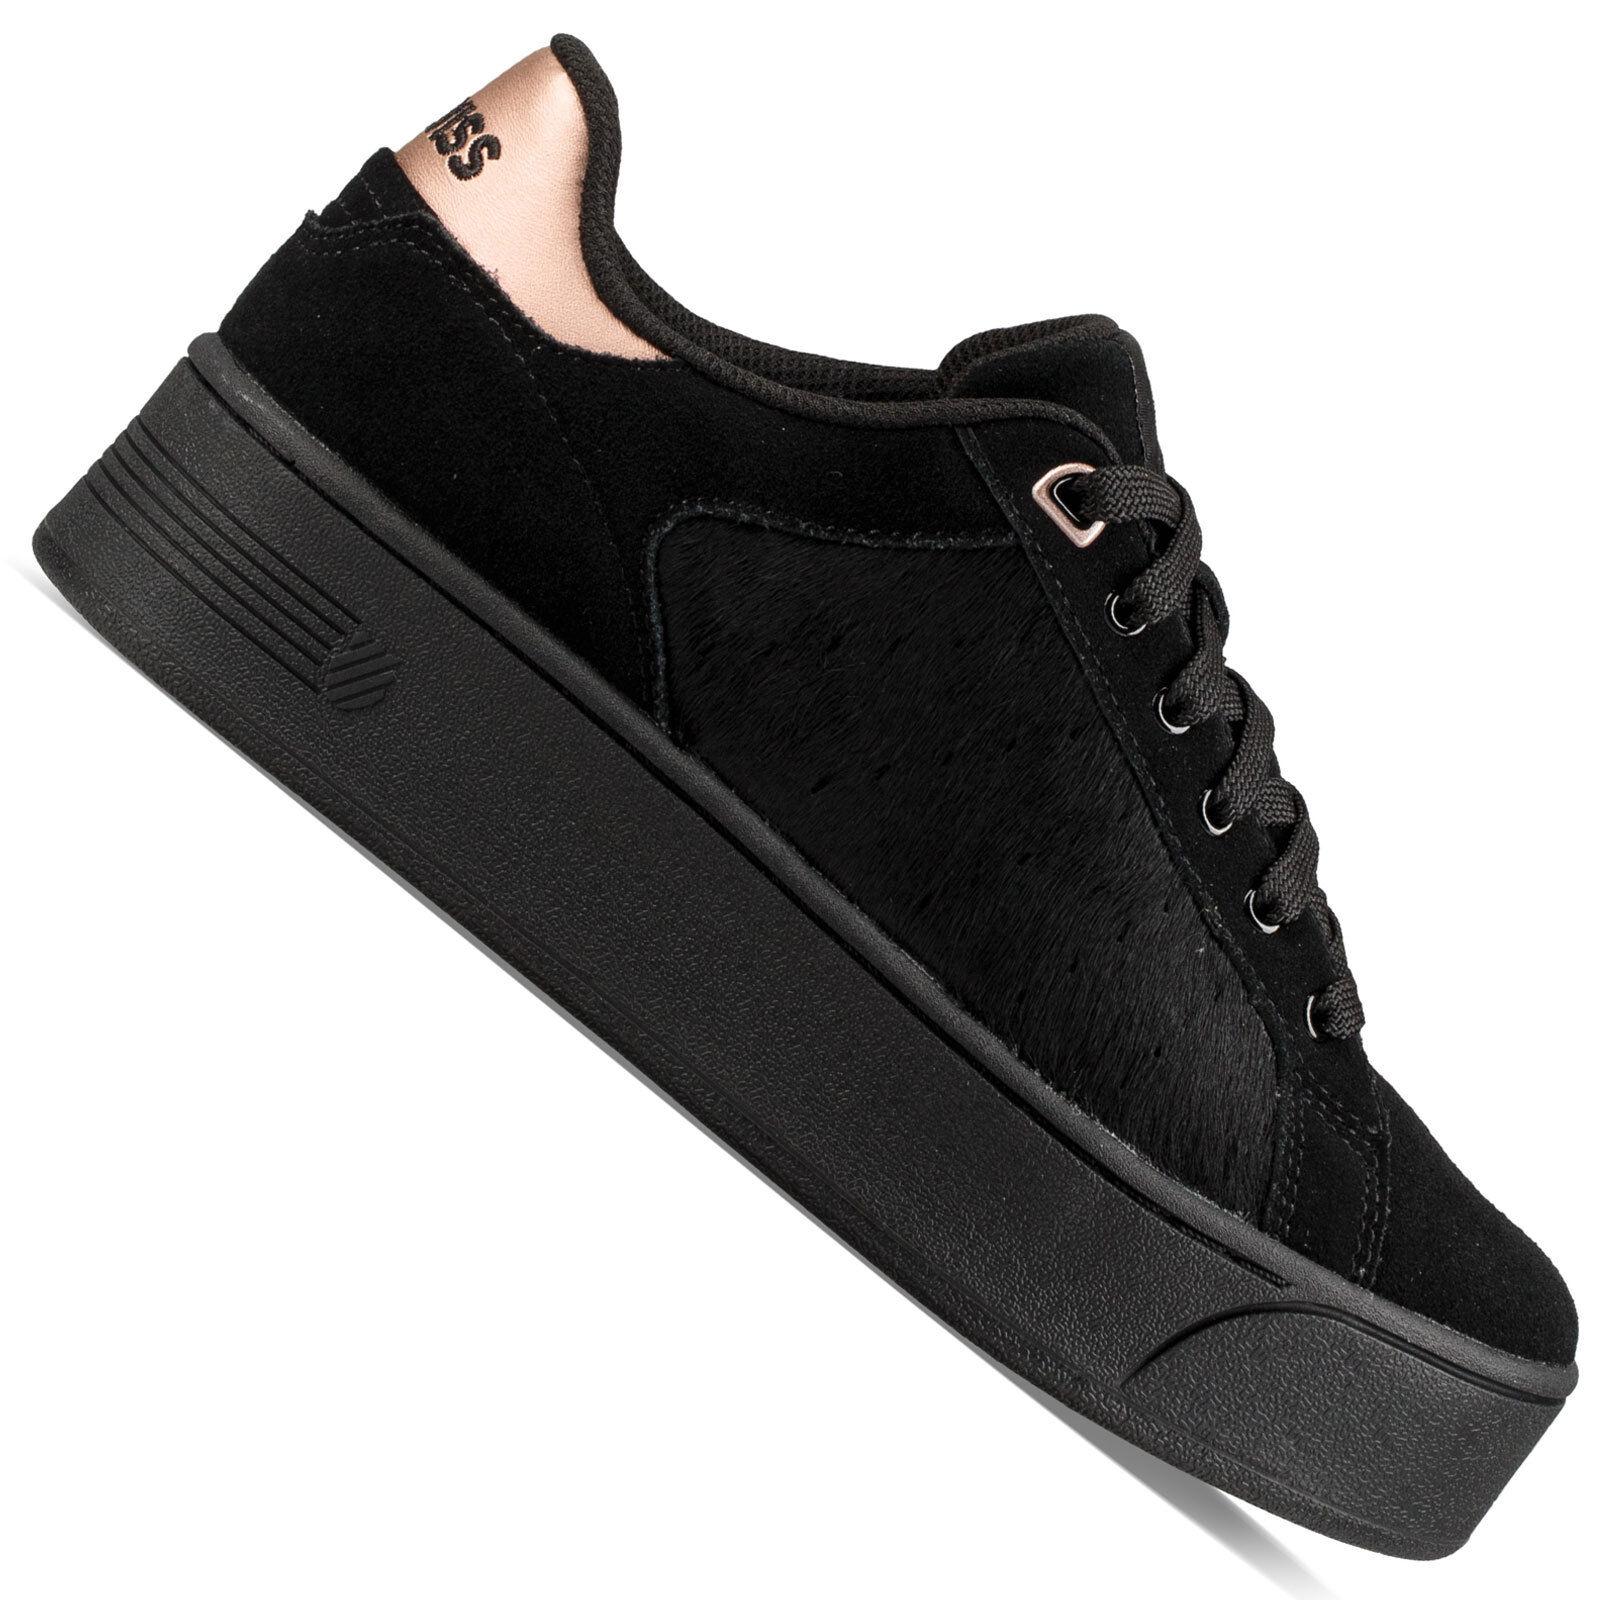 K-Swiss Dalia SDE Metallic Plateau Damen-Sneaker Schuhe Metallic SDE Turnschuhe Plateausohle 5bd070